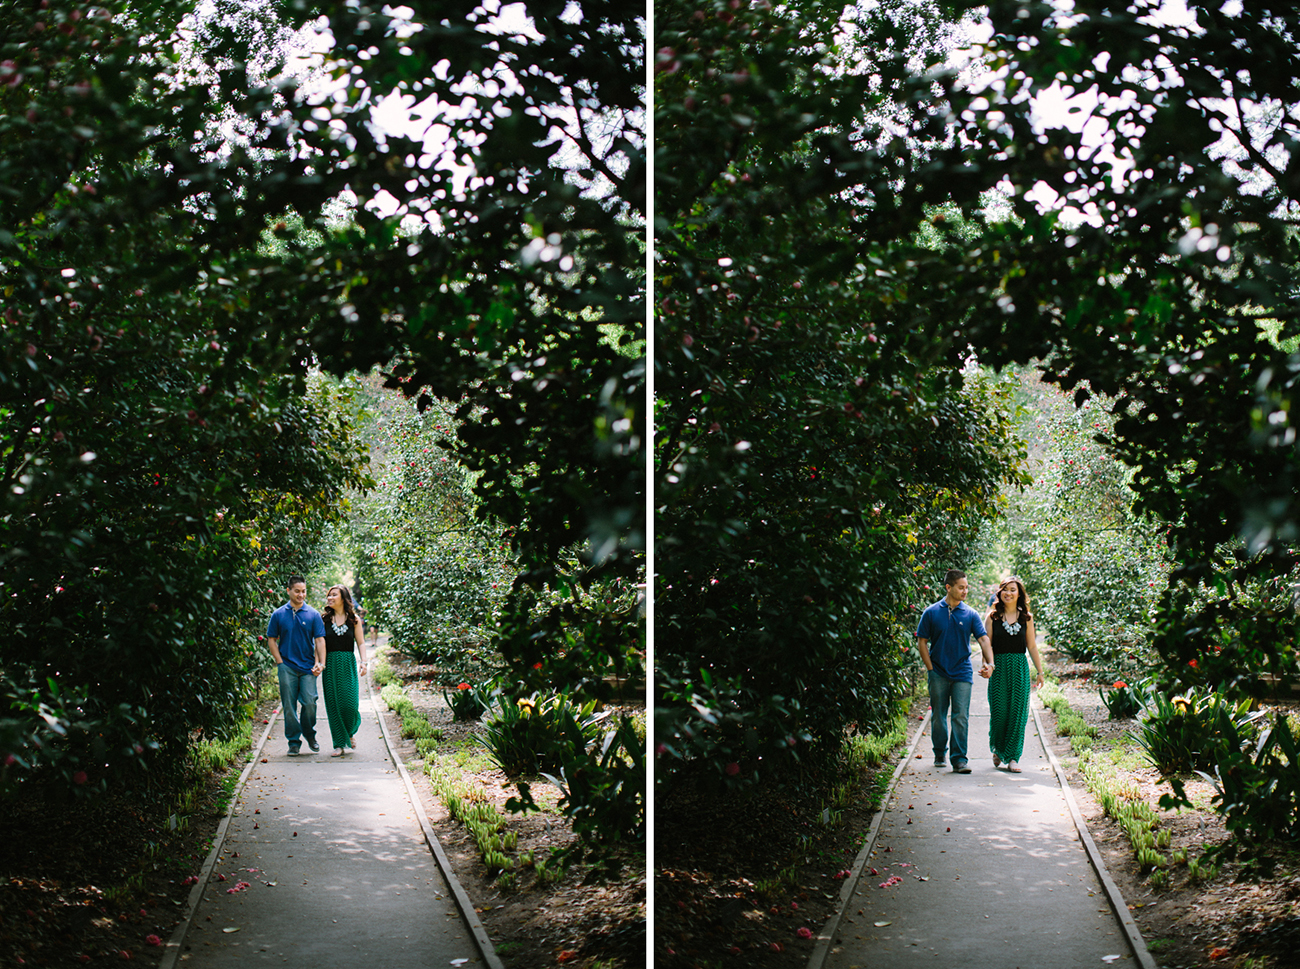 01_LeslieMichael_Pasadena_Engagement_Portrait_Photography.jpg